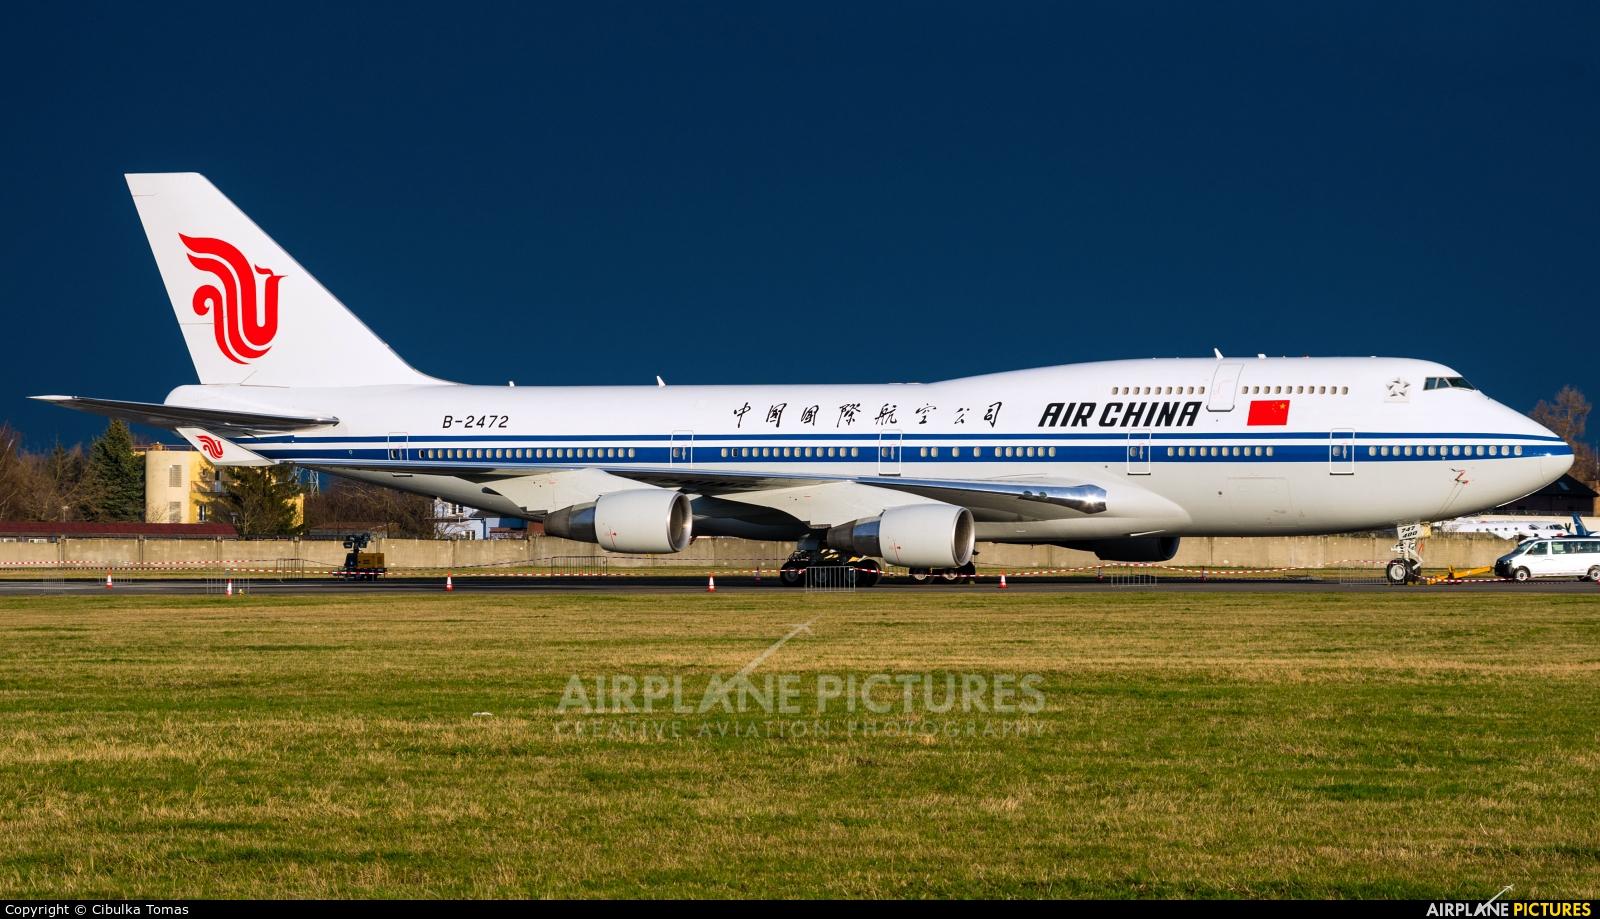 Air China B-2472 aircraft at Prague - Václav Havel